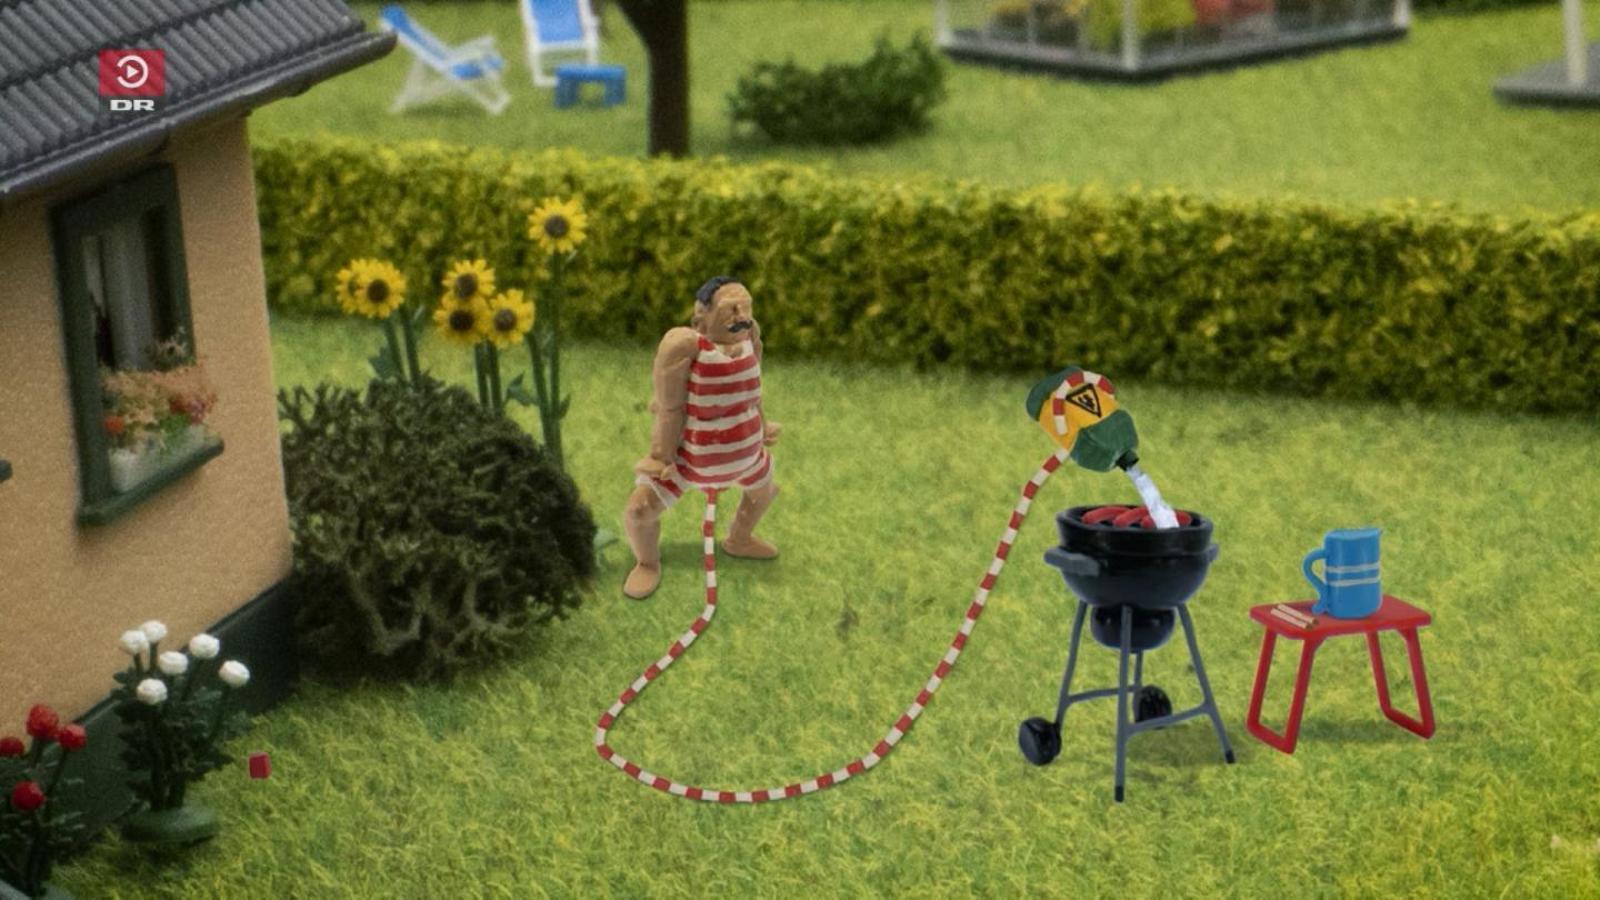 El crítics amb la sèrie consideren que transmet un missatge nociu als espectadors infantils